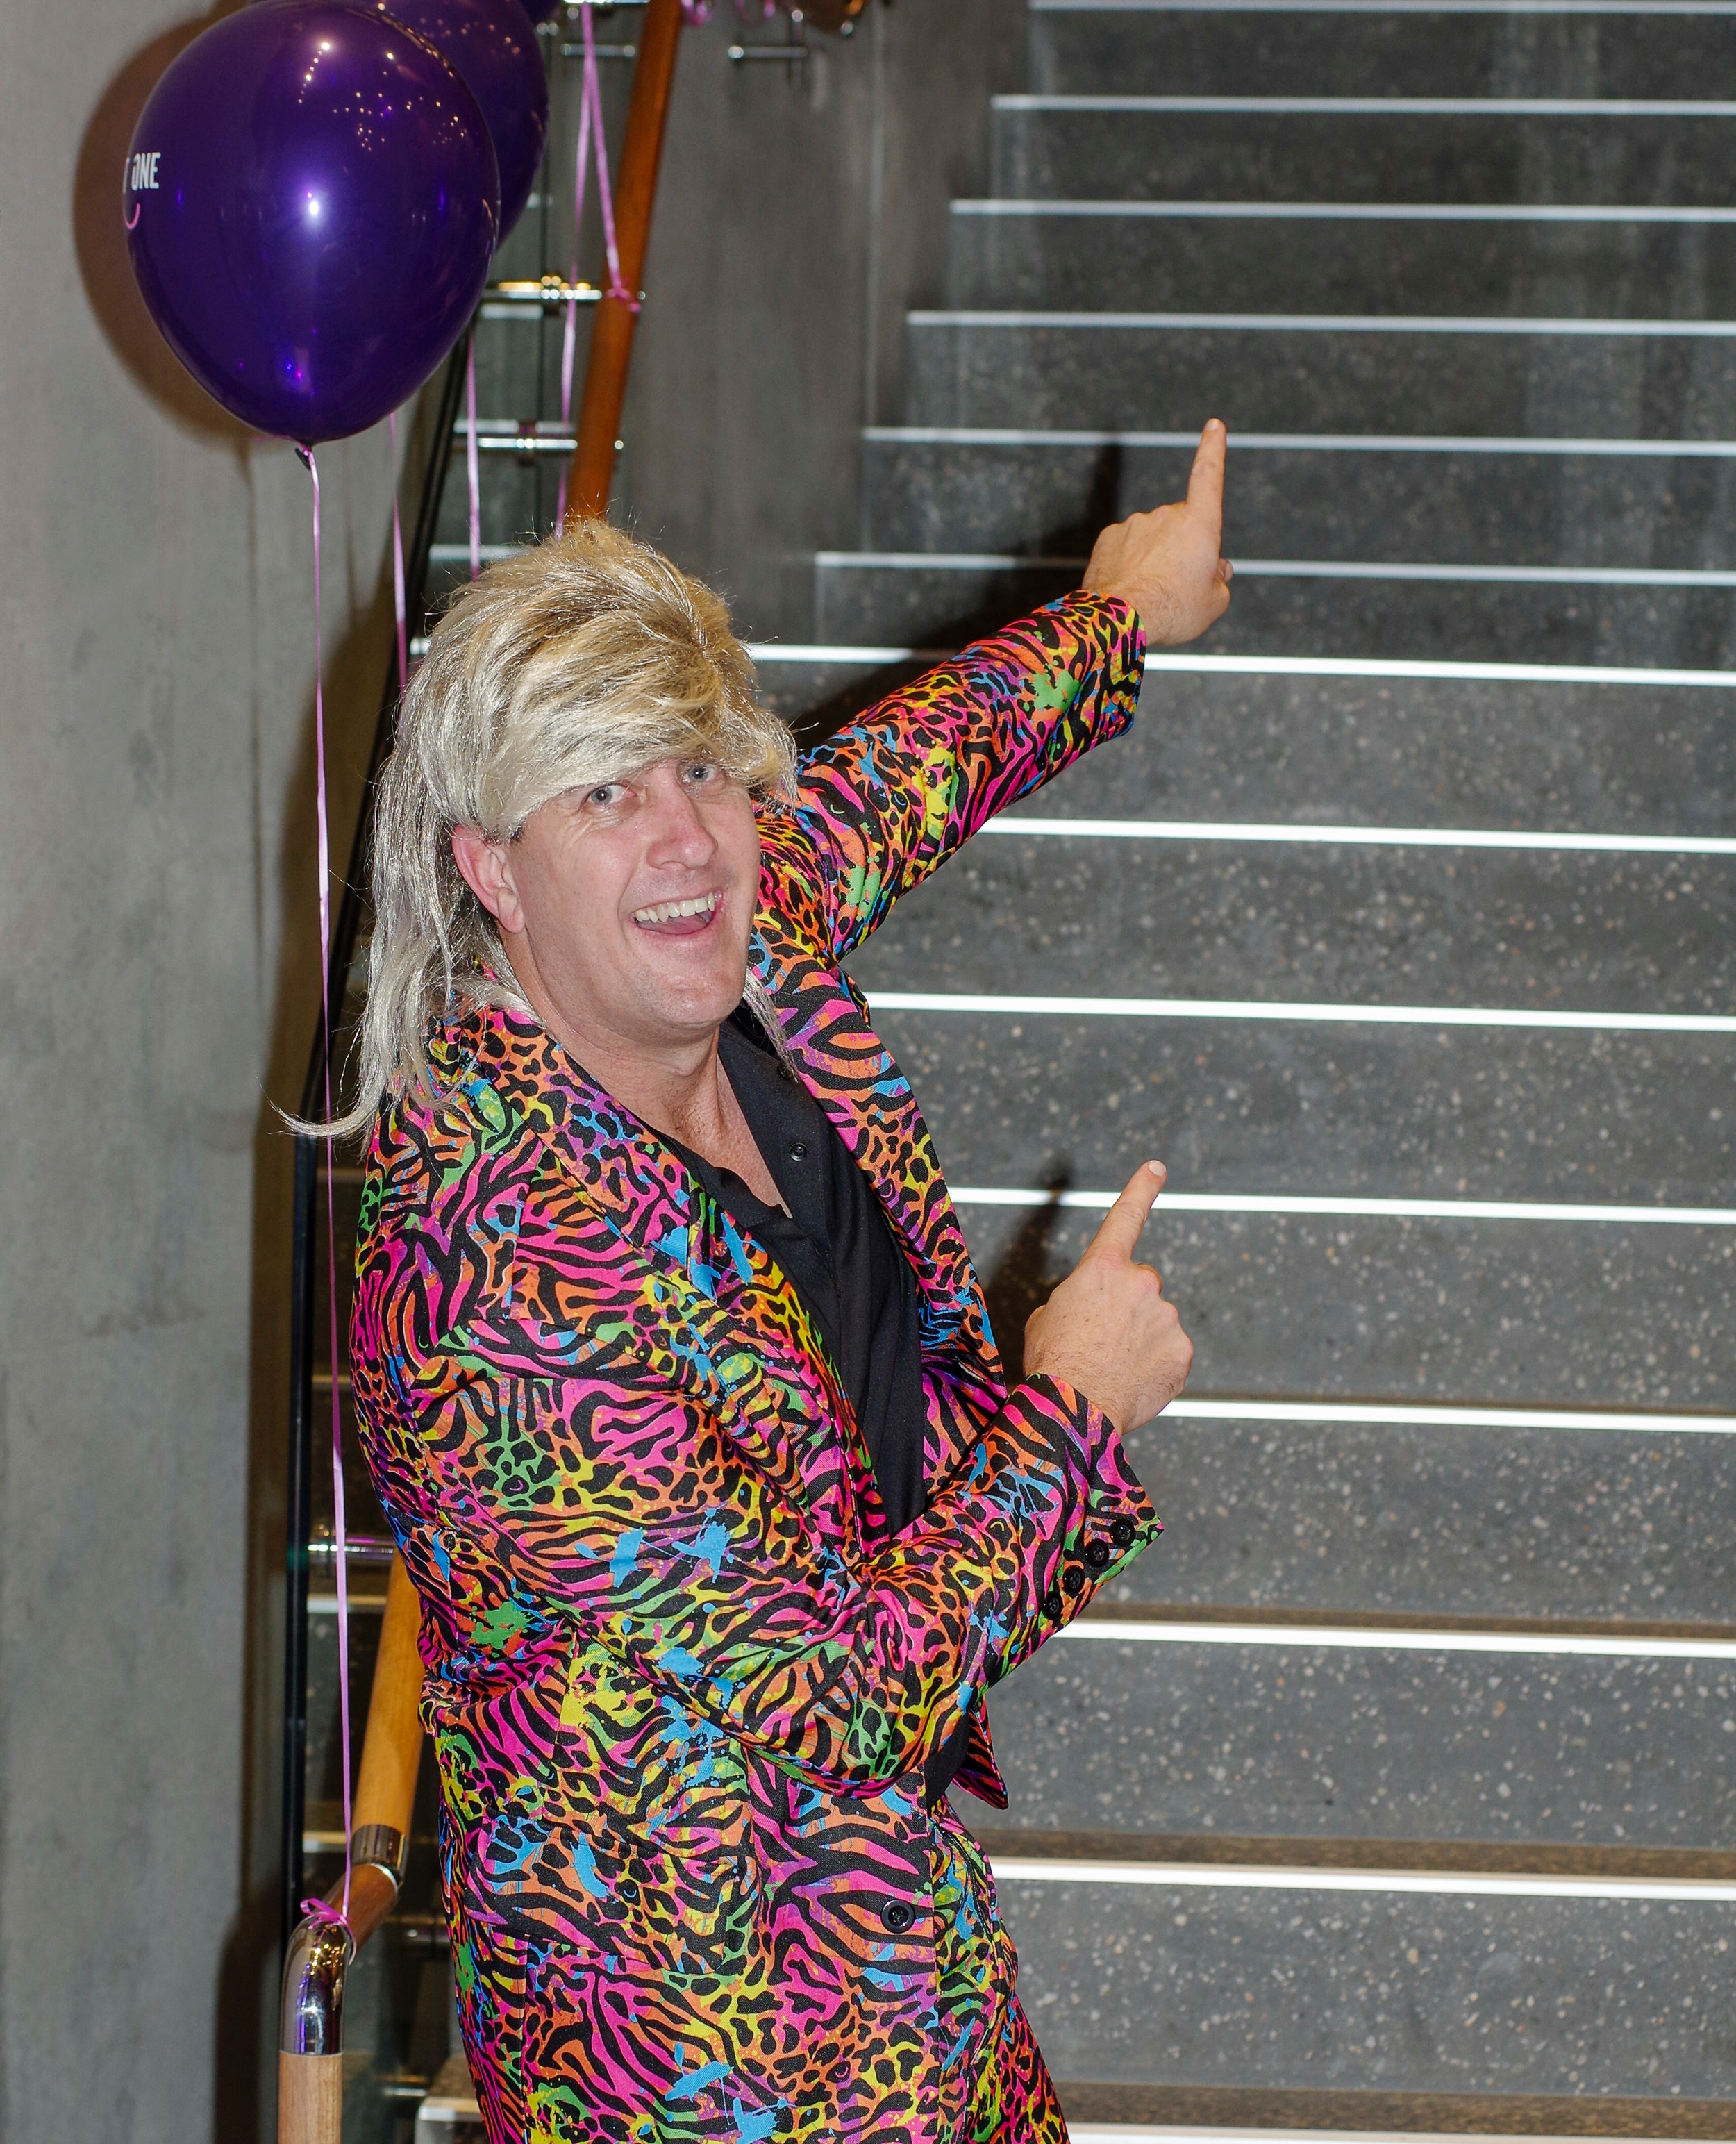 Event organiser Steve Corrie dressed up for the night.